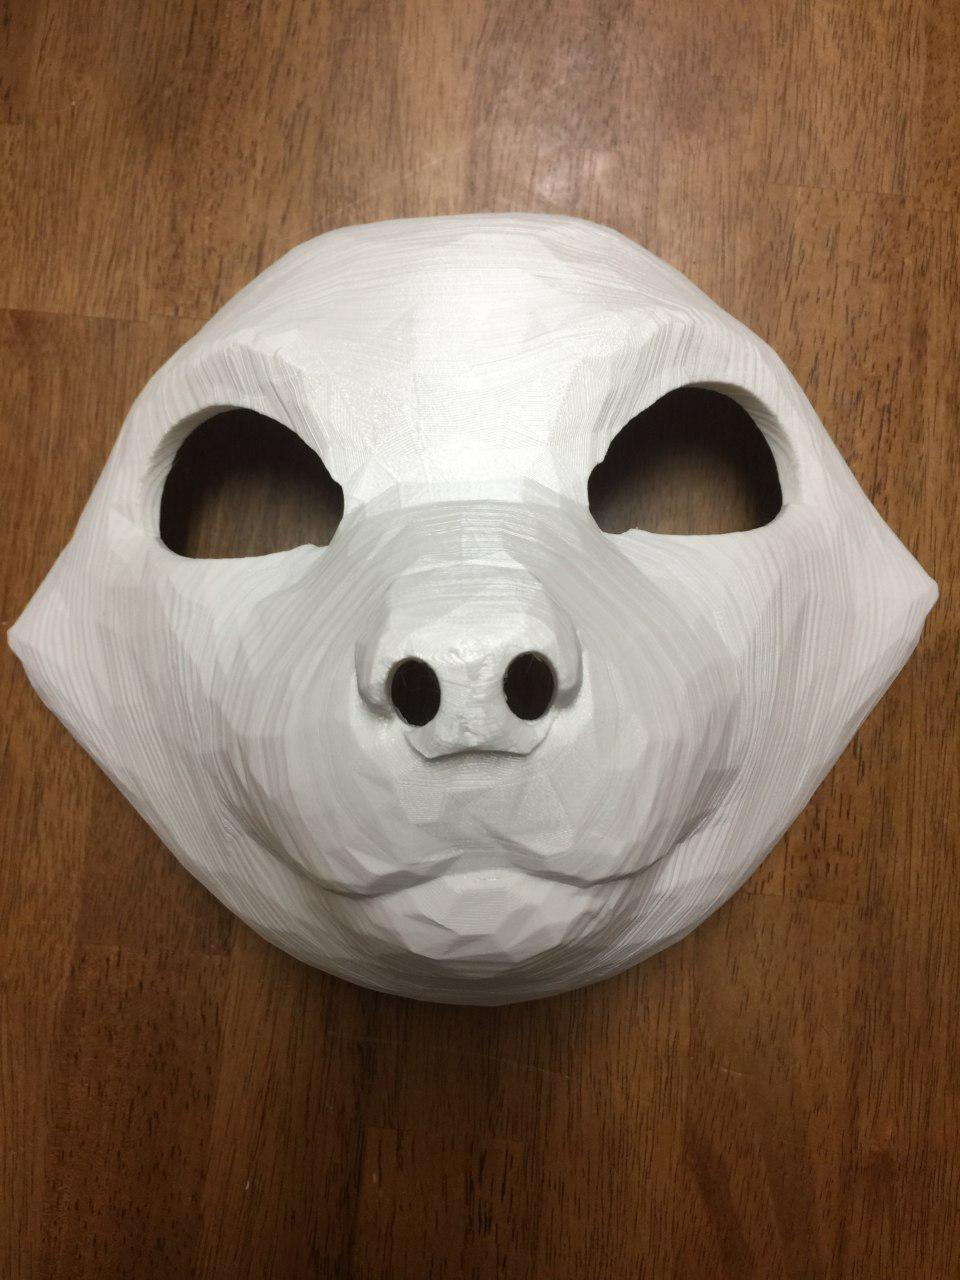 Completed Nova Nocturne Mask Print!